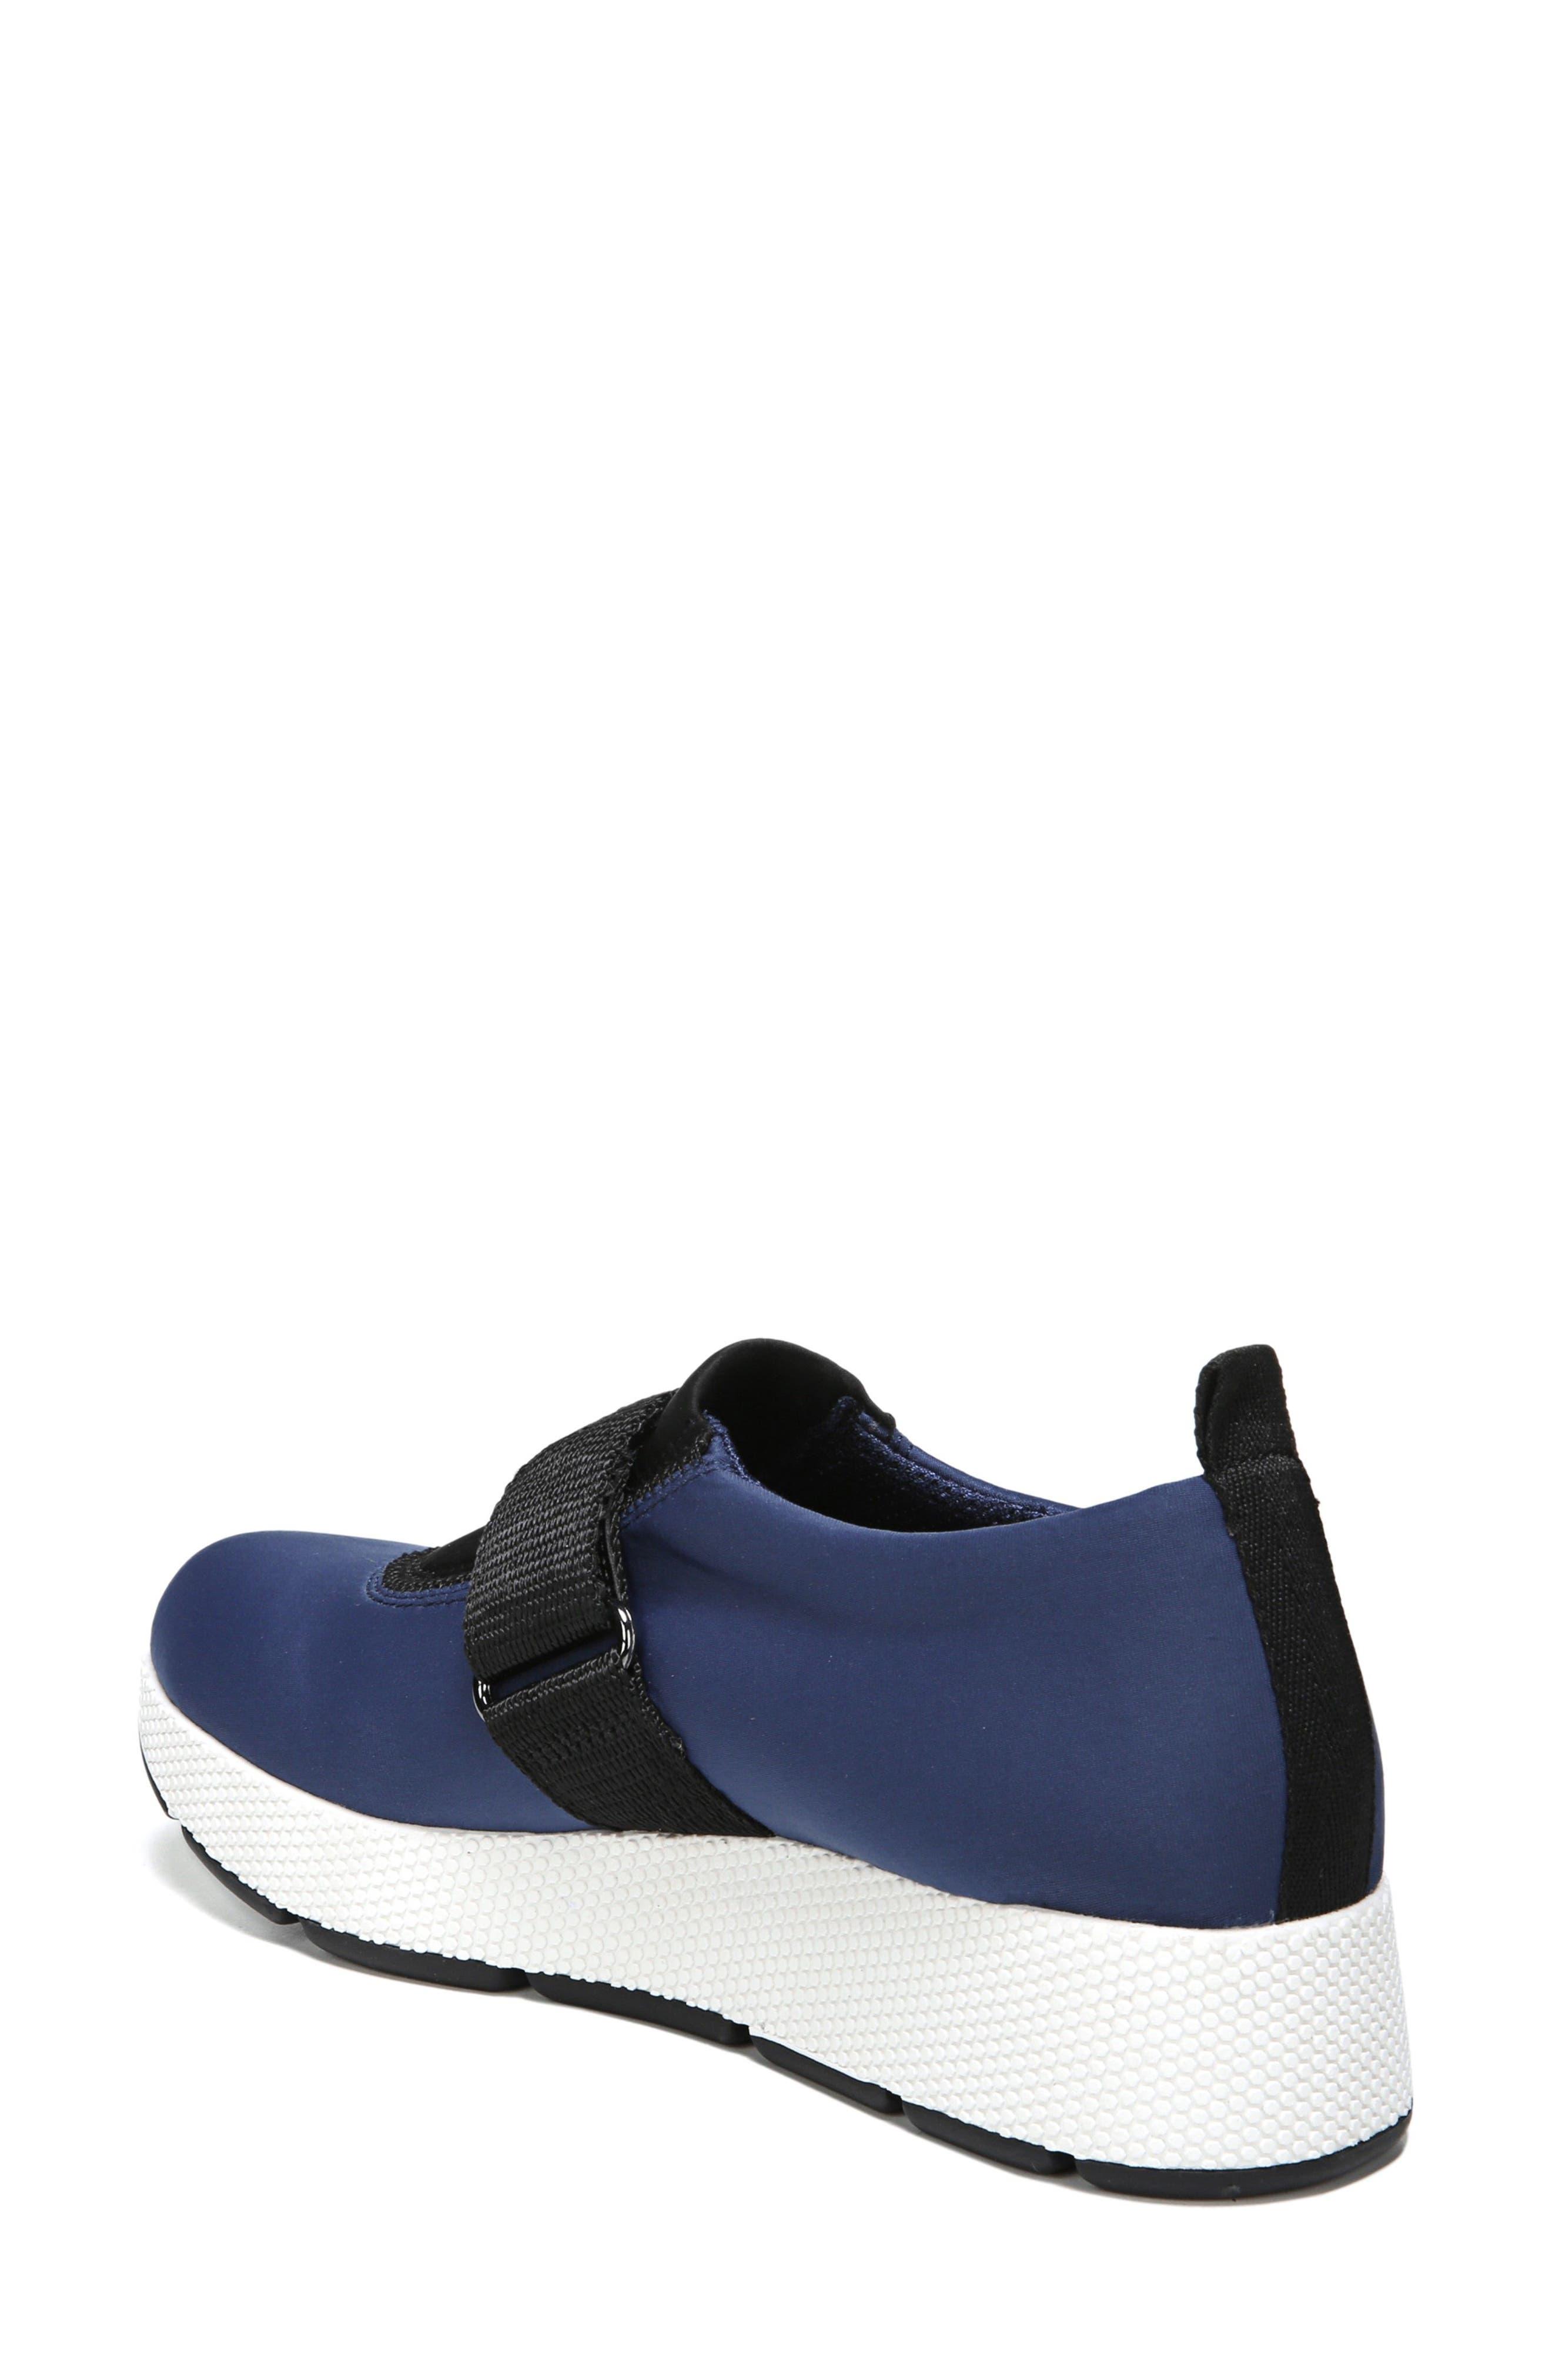 Odella Slip-On Sneaker,                             Alternate thumbnail 8, color,